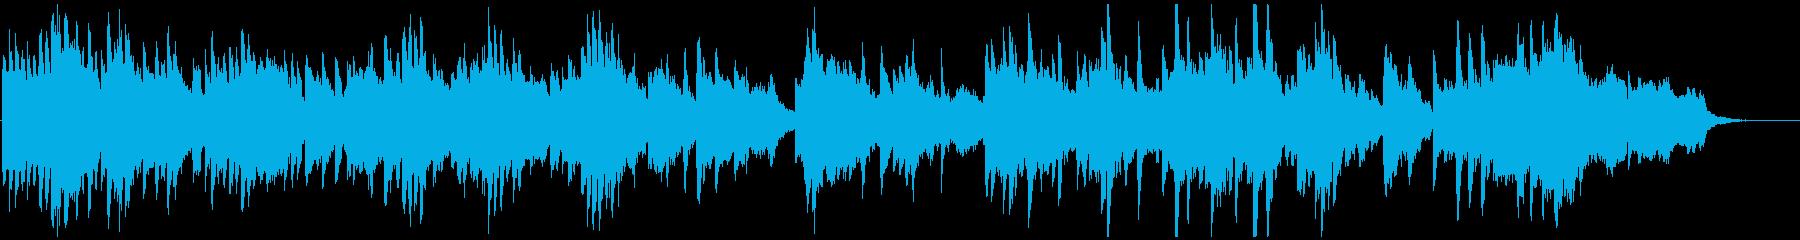 幻想的なバイオリンとチェロとピアノの調べの再生済みの波形